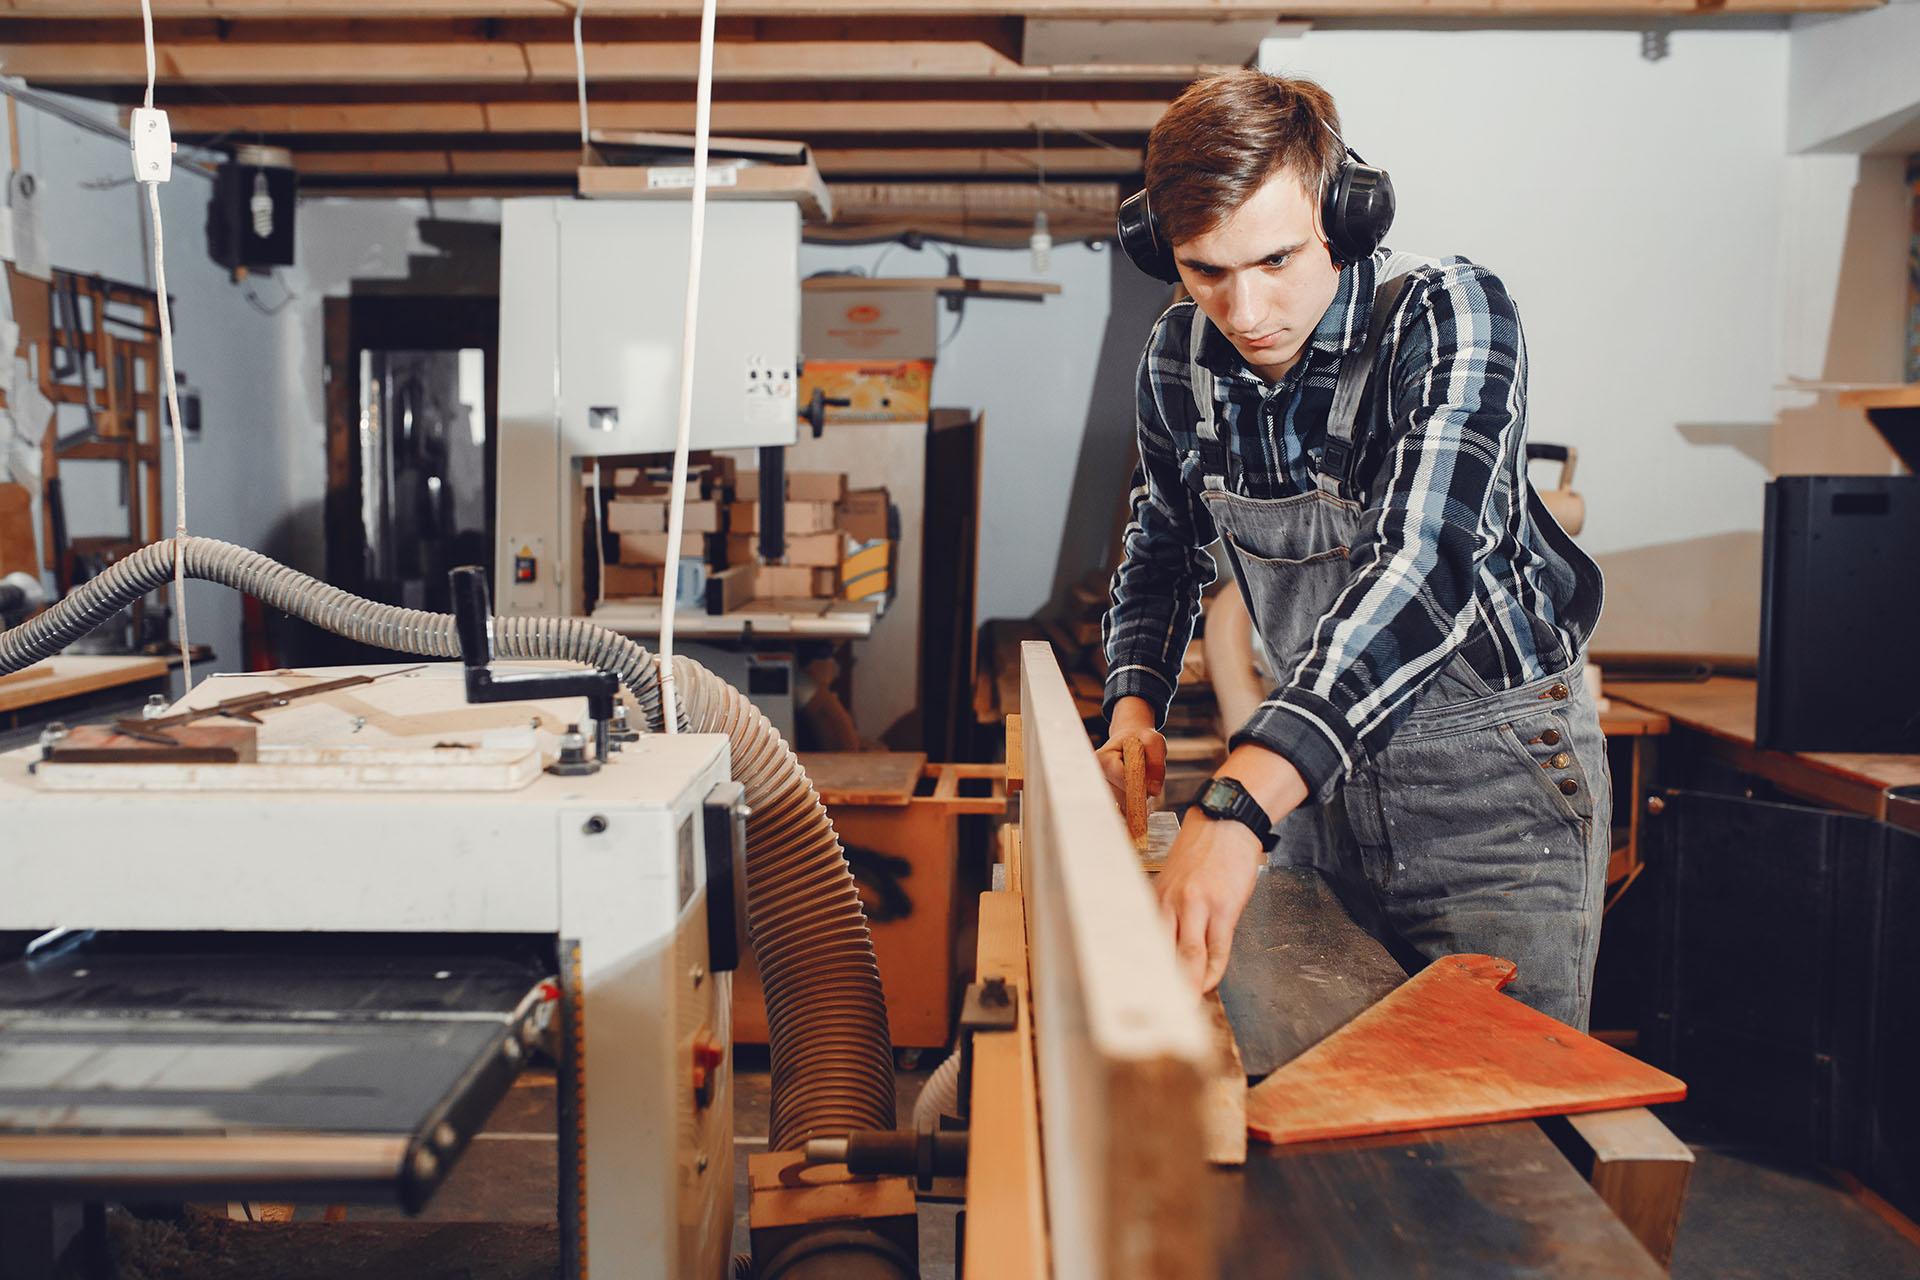 Fiński projektant nowoczesnych mebli wielofunkcyjnych poszukuje producentów